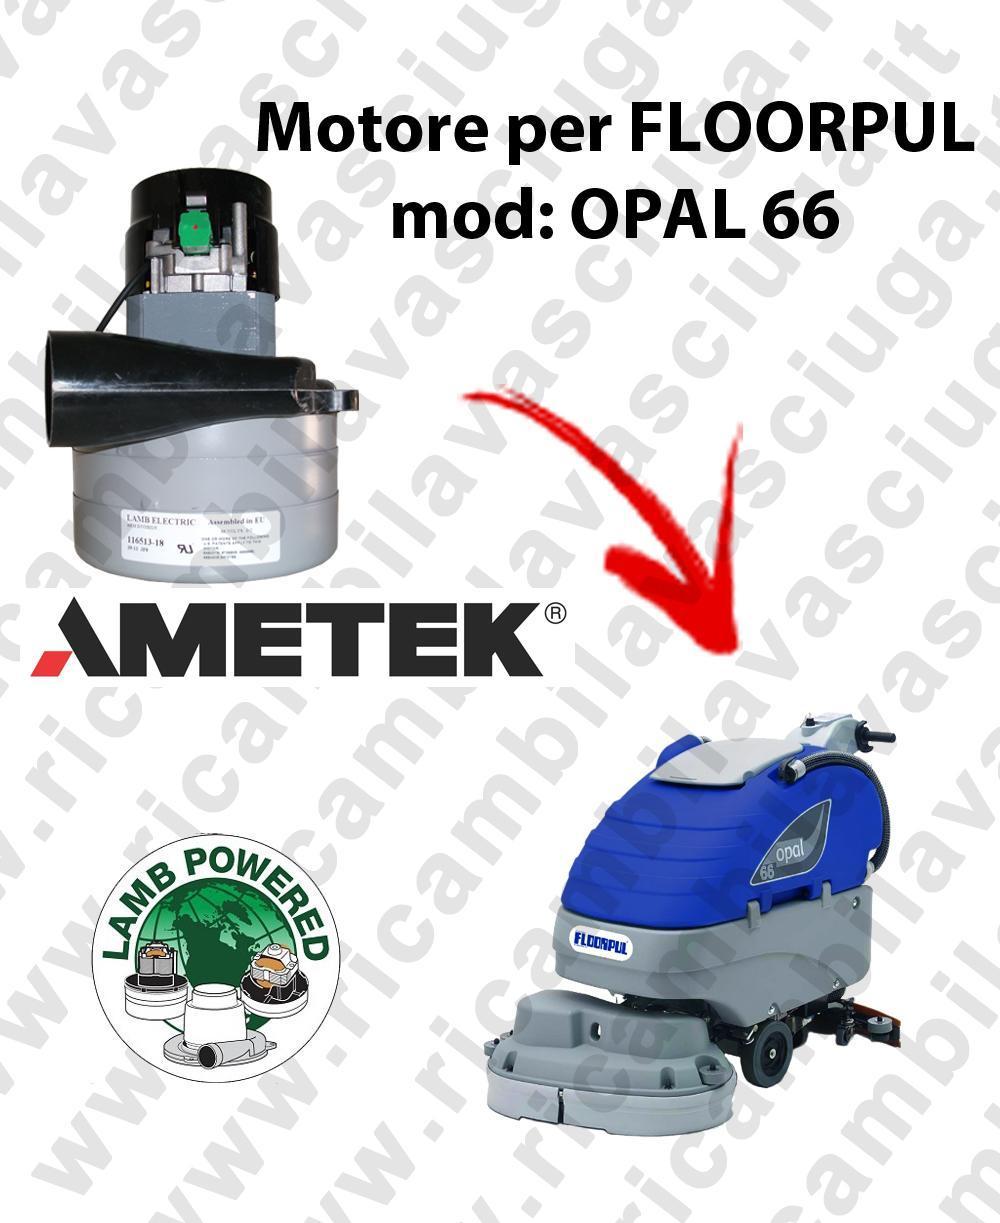 OPAL 66 Motore de aspiración LAMB AMETEK para fregadora FLOORPUL